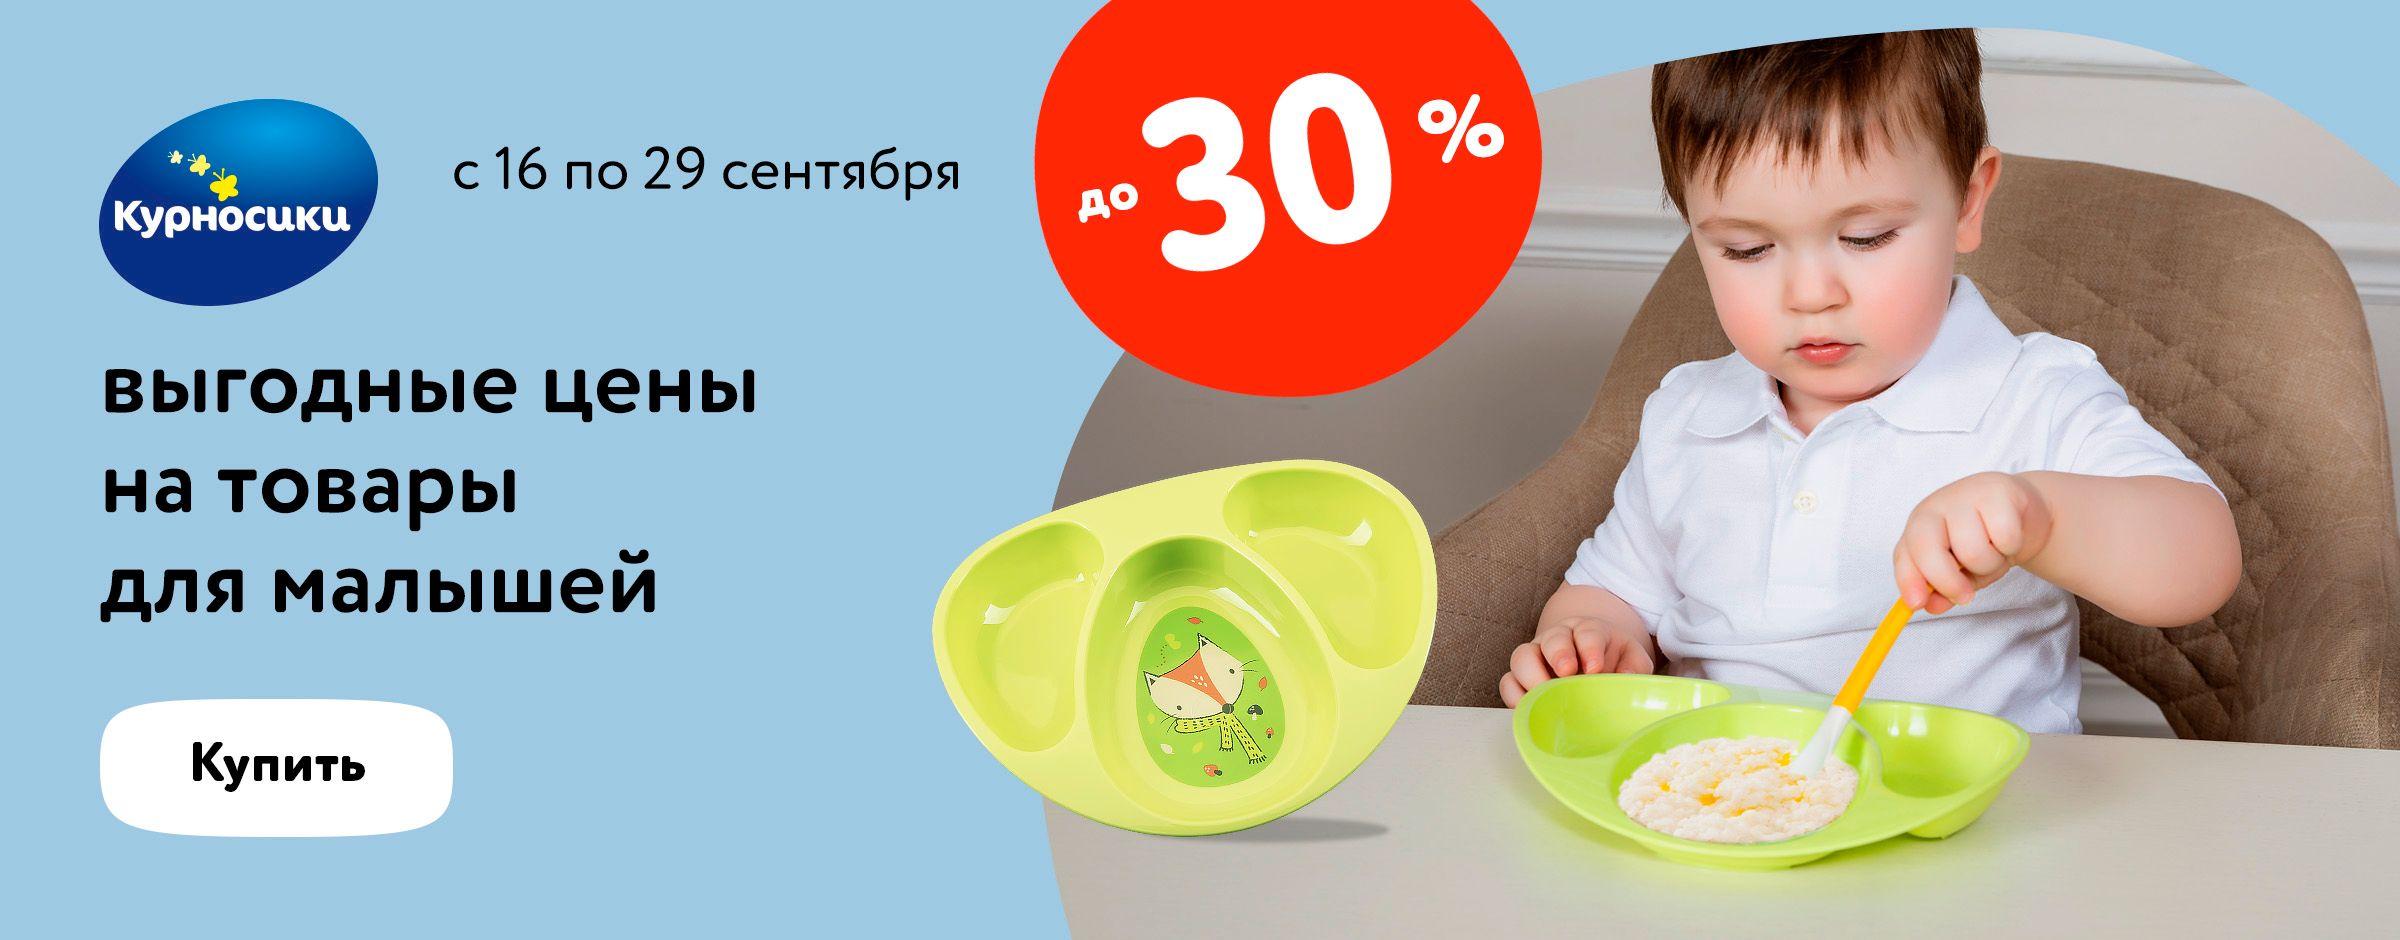 До 30% на товары для малышей Курносики статика